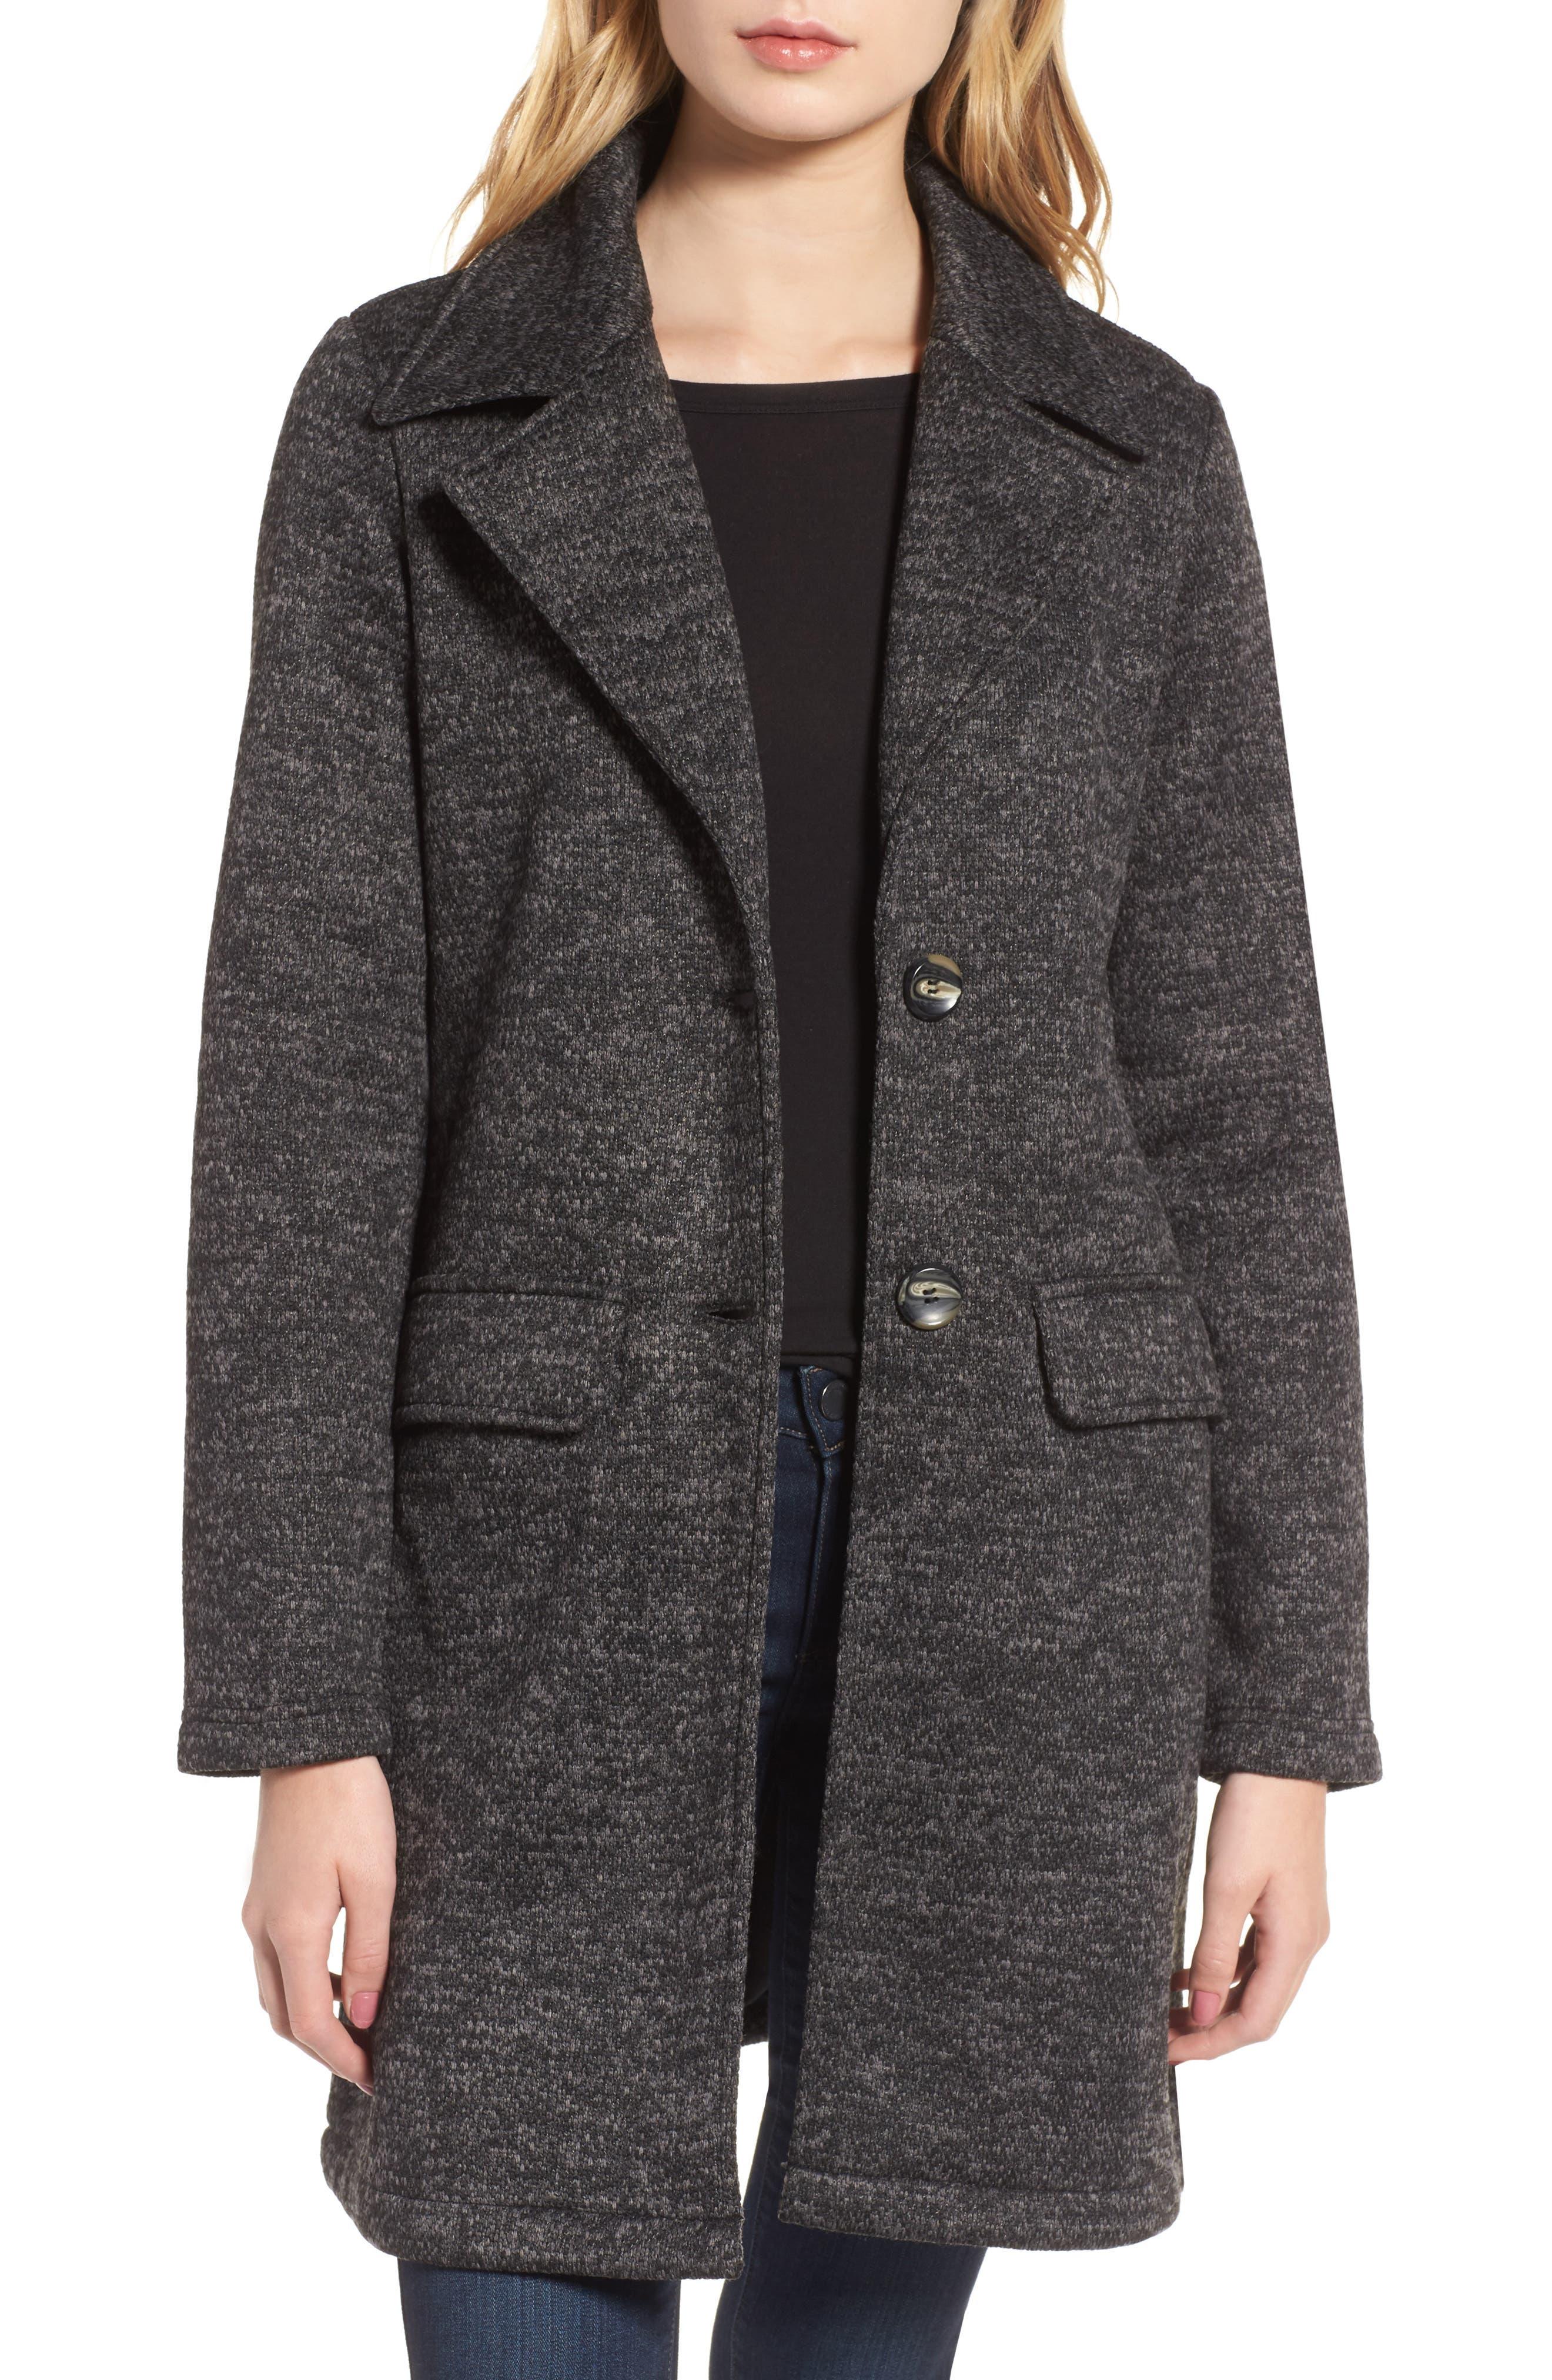 Alternate Image 1 Selected - Steve Madden Belted Fleece Jacket